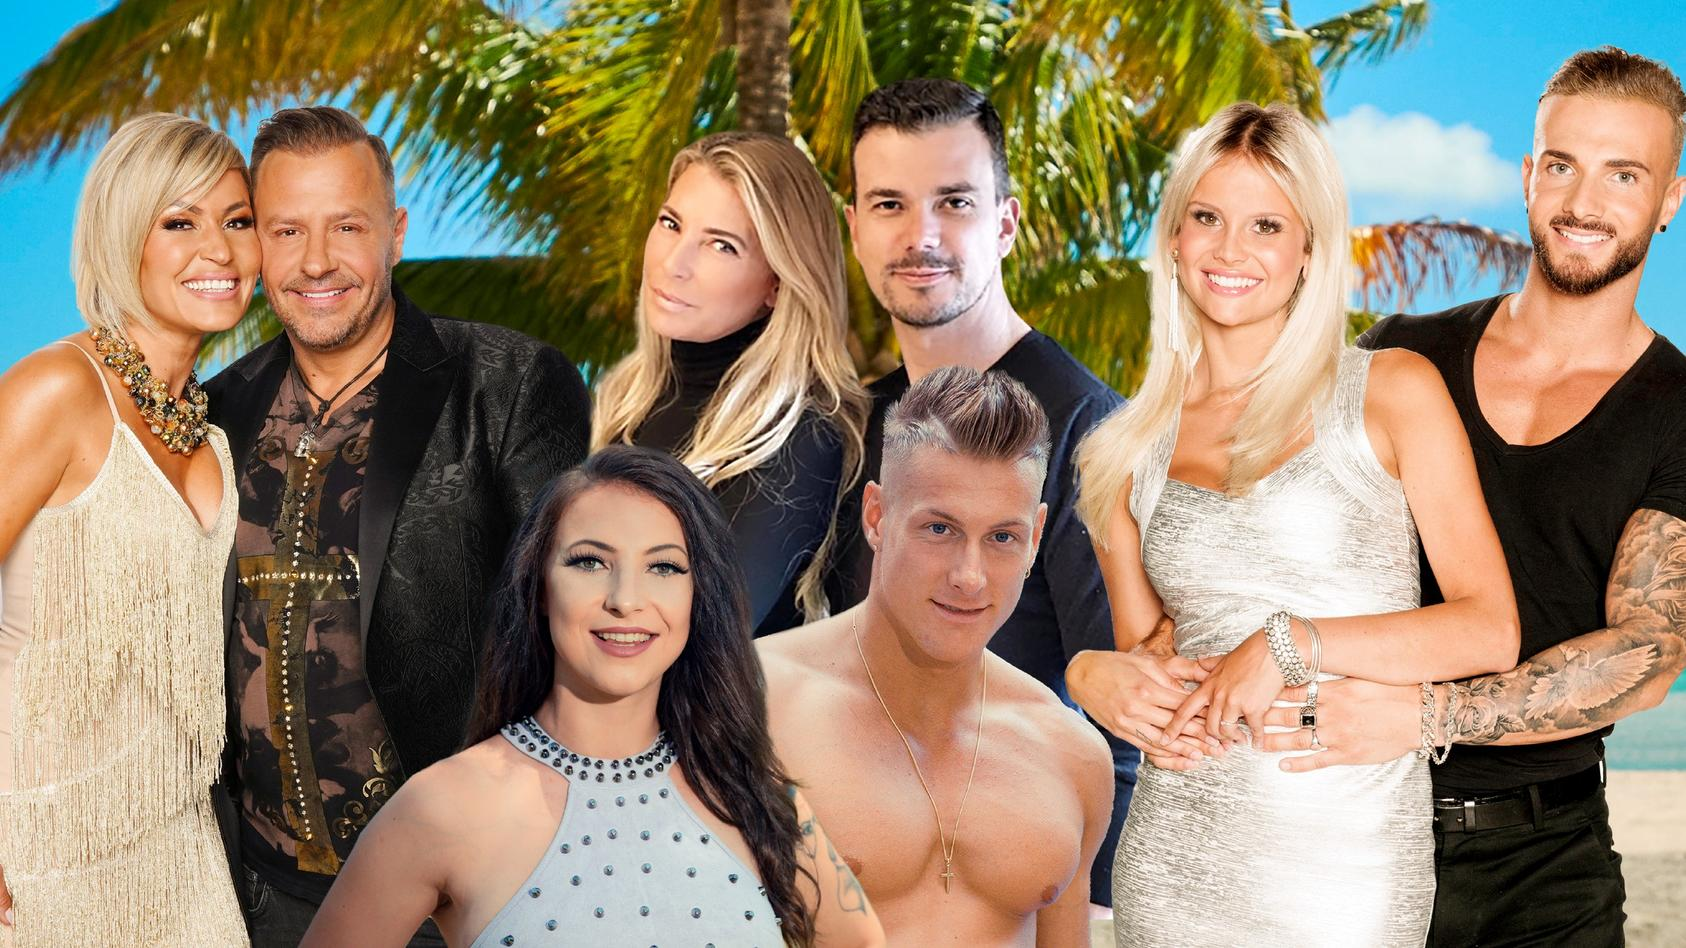 Jasmin & Willi, Roxy & Calvin, Giulia & Ludwig und Stephi & Julian testen ihre Liebe auf Temptation Island!